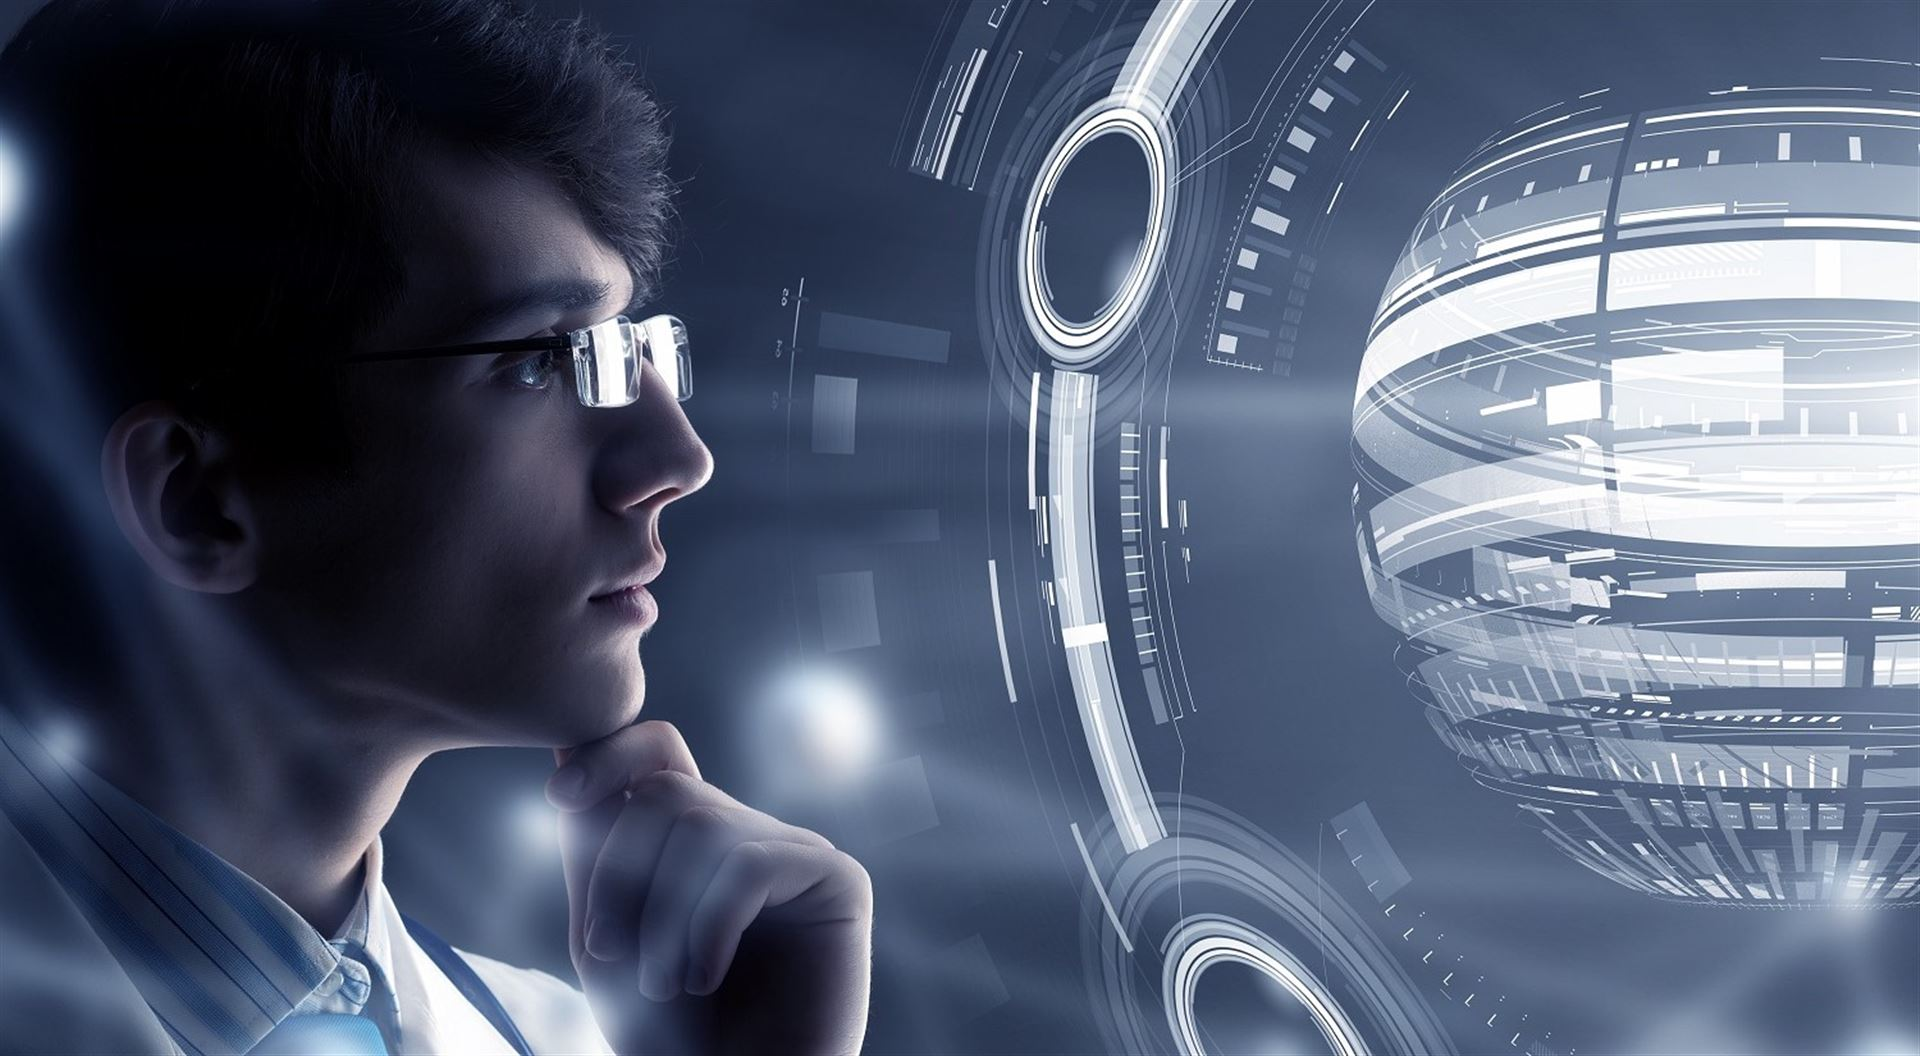 Ein Projekt zur Mensch-Maschine Interaktion - Instandhaltung mit Mixed Reality